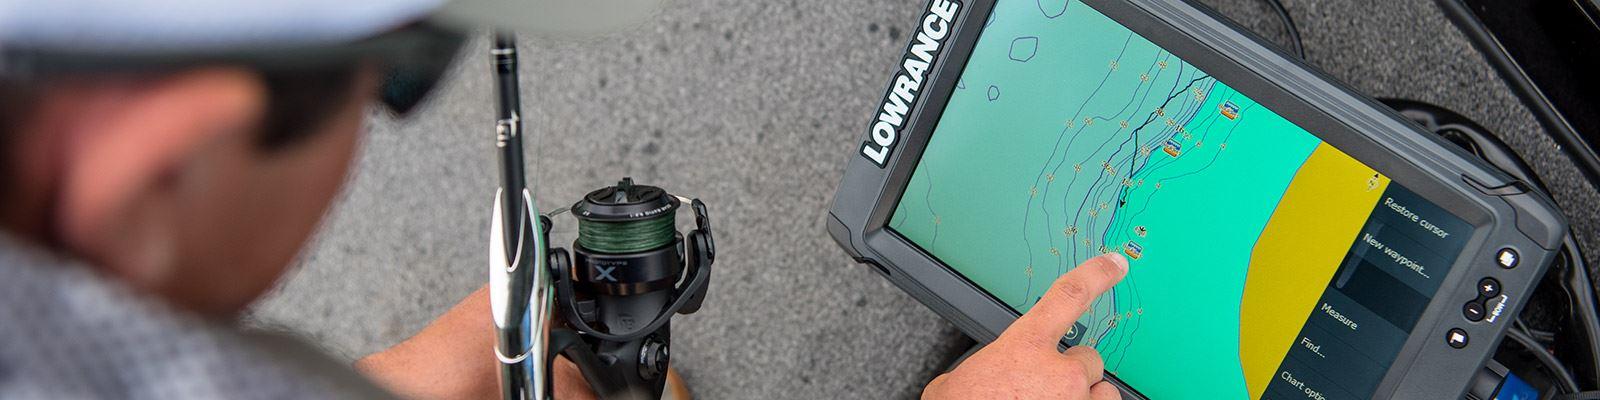 Touchscreen Lowrance Elite 7 Ti2